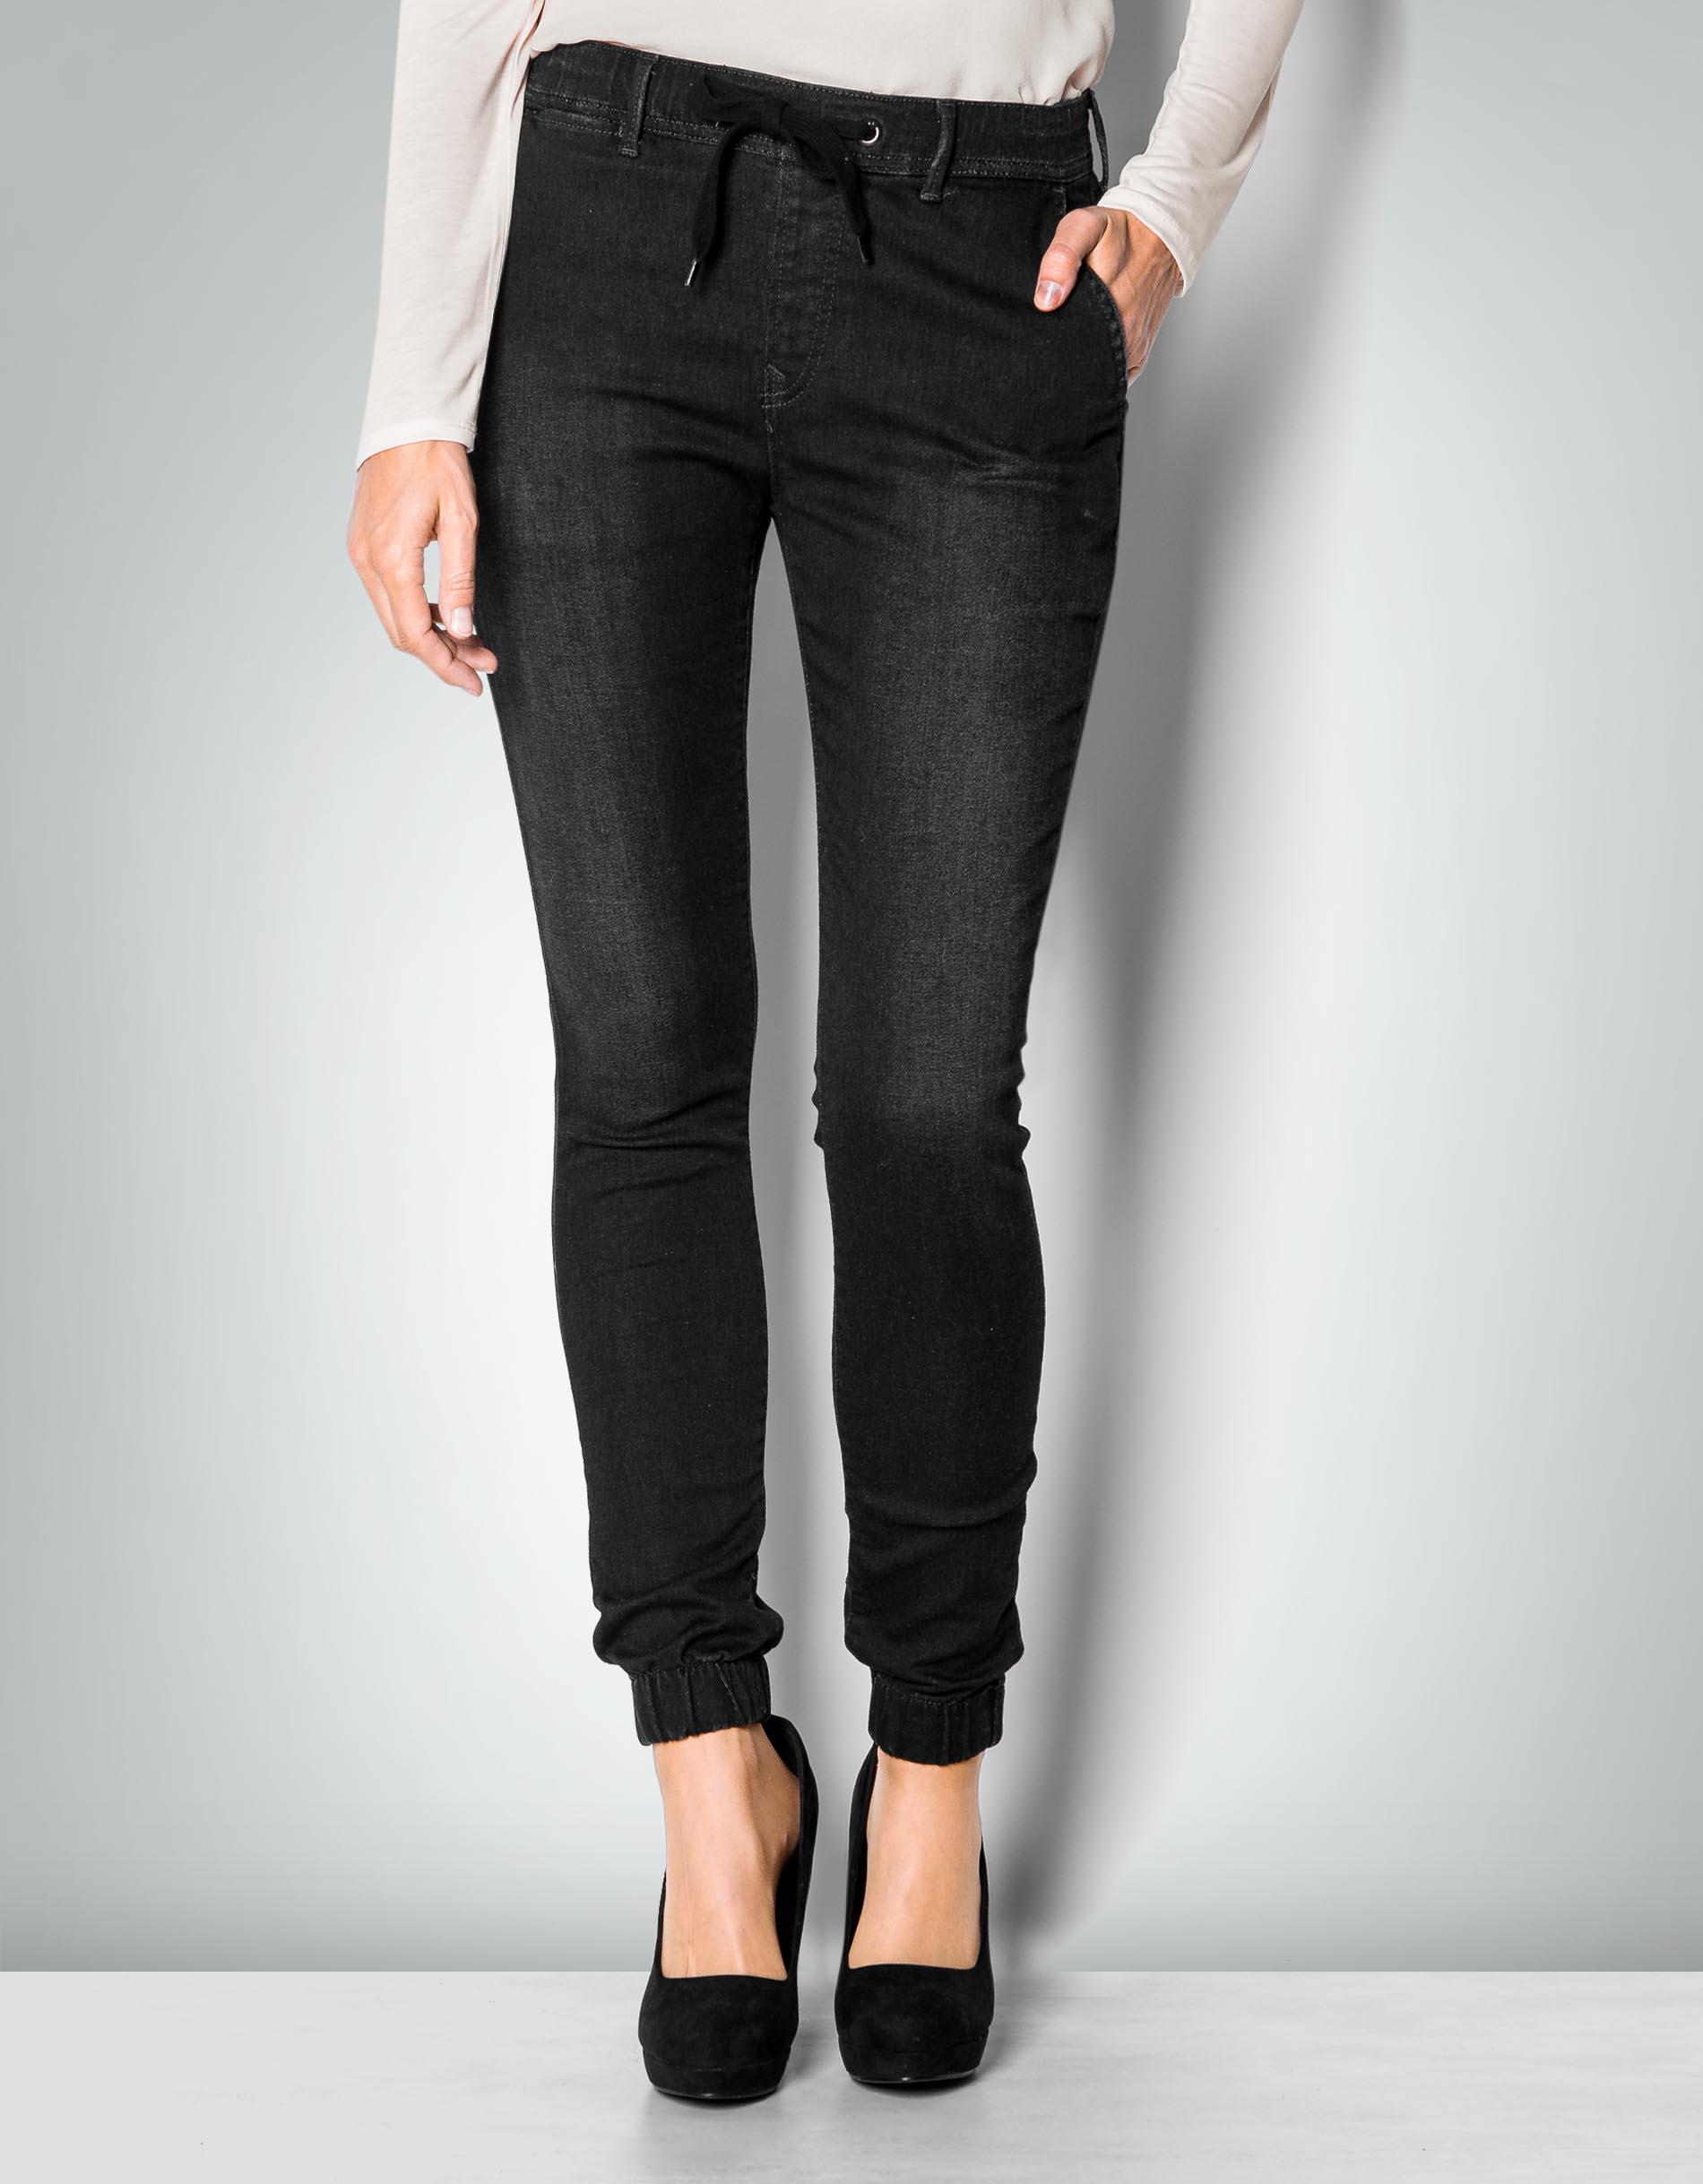 a8fb419b3382 Pepe Jeans Damen Cosie black Hose im Jogg-Style empfohlen von Deinen  Schwestern